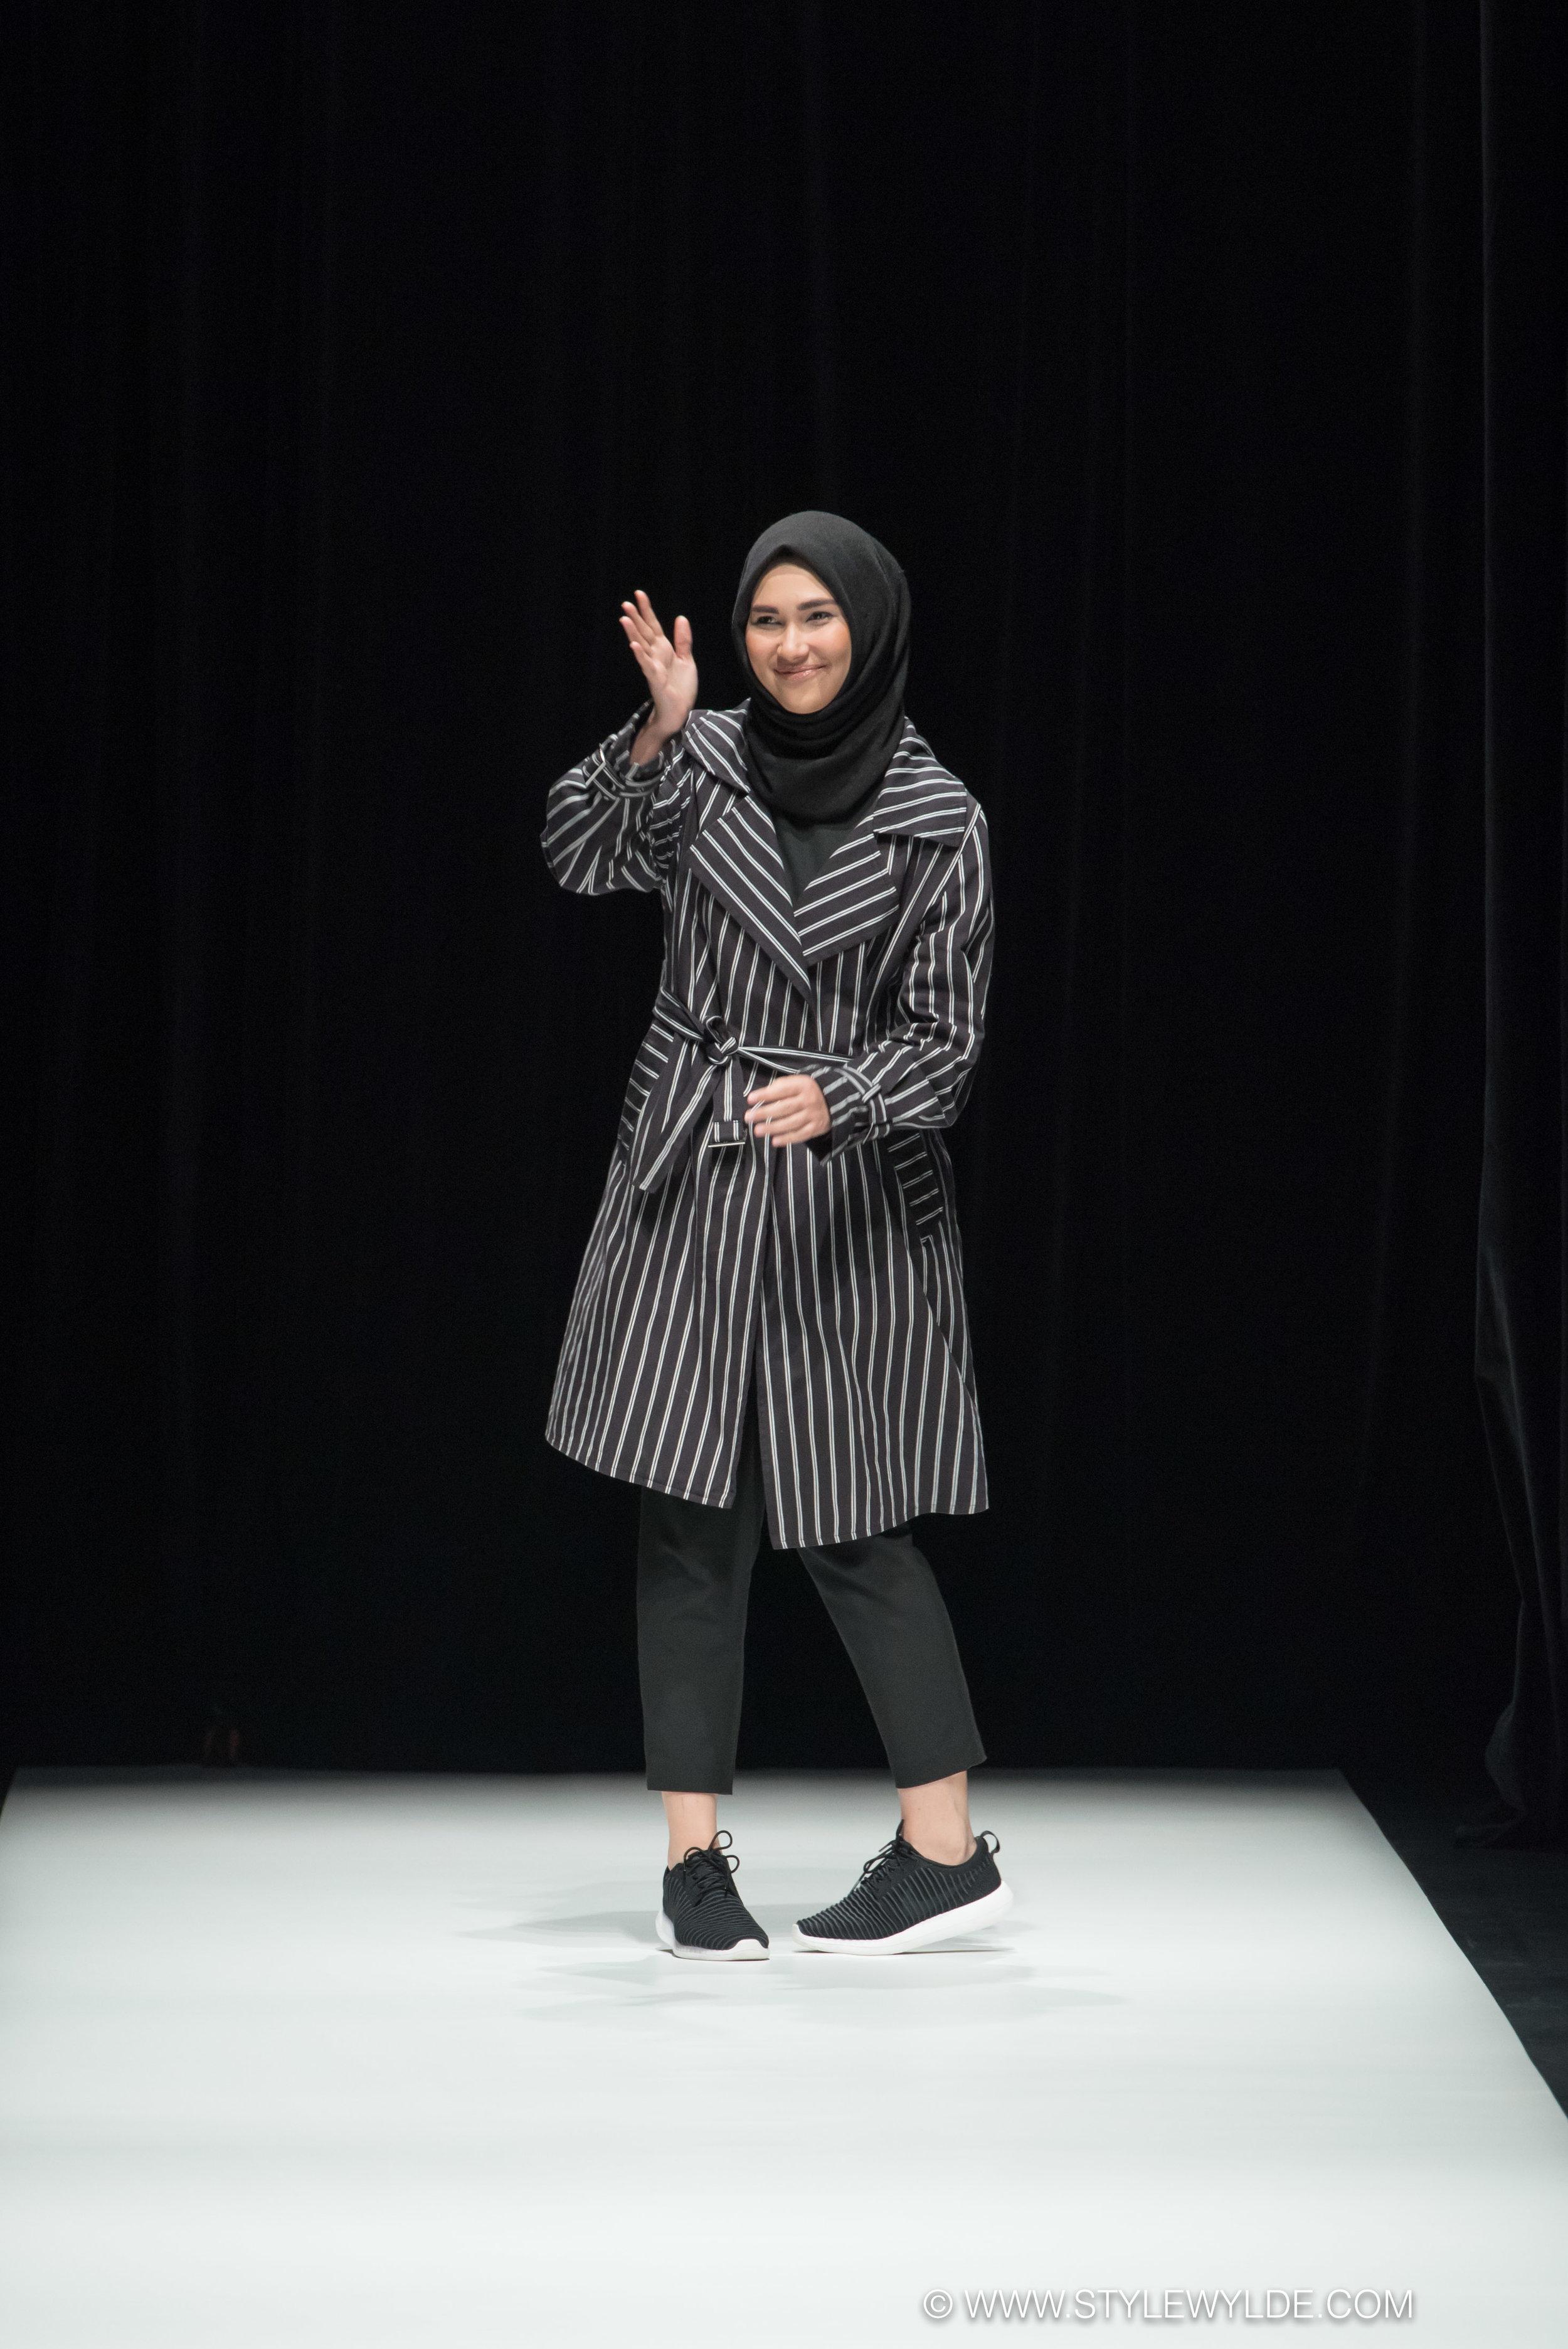 stylewylde_afmt_indonesia_fw_2017-21.jpg